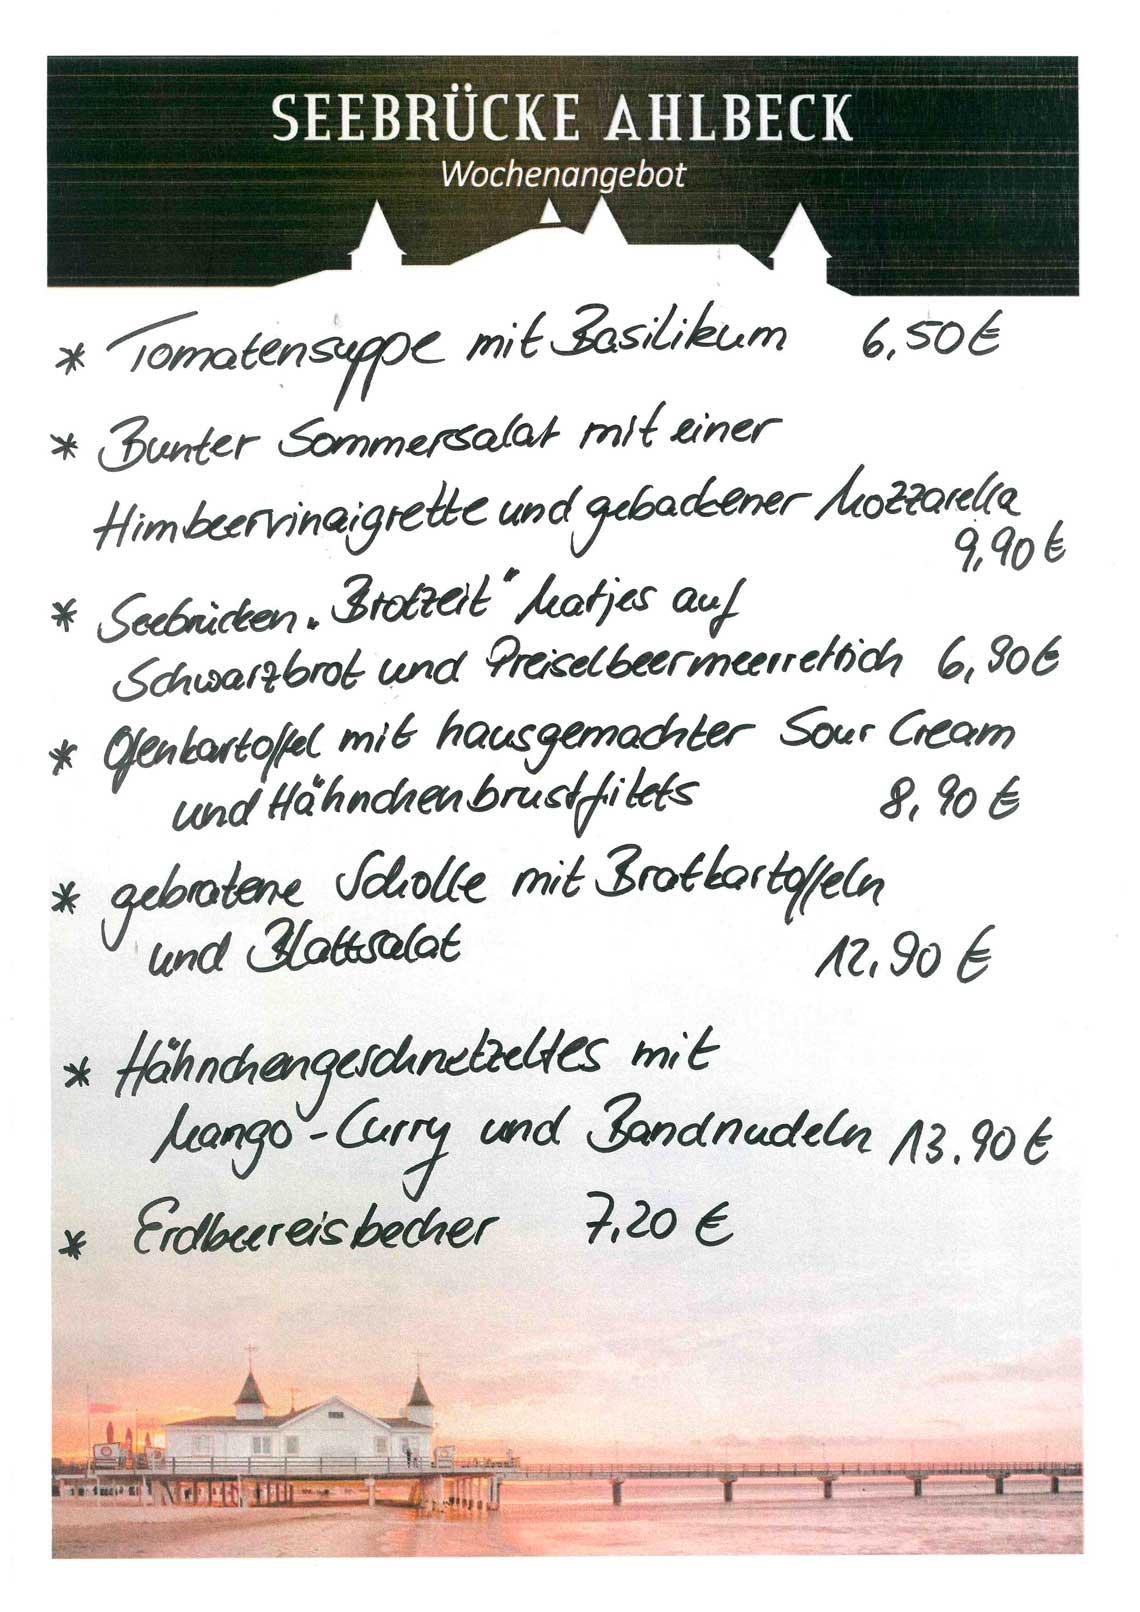 Seebrücke Ahlbeck Speisekarte - Restaurant und Bar direkt an der Ostsee